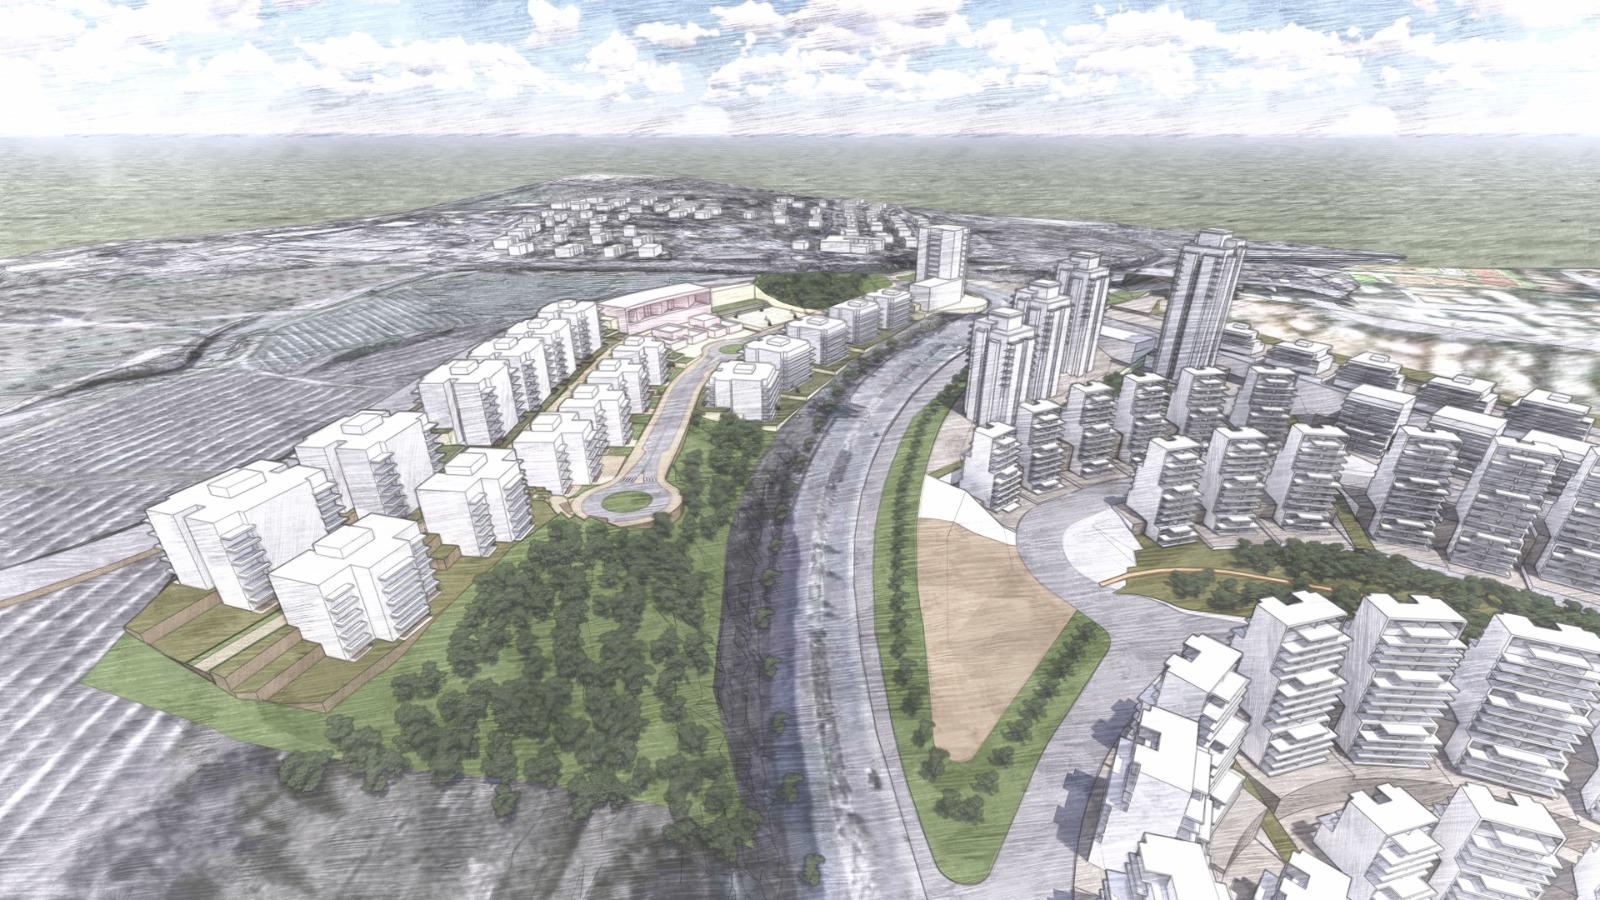 תוכנית ההרחבה של שכונת ארנונה (הדמיה: אדריכל ארי כהן)